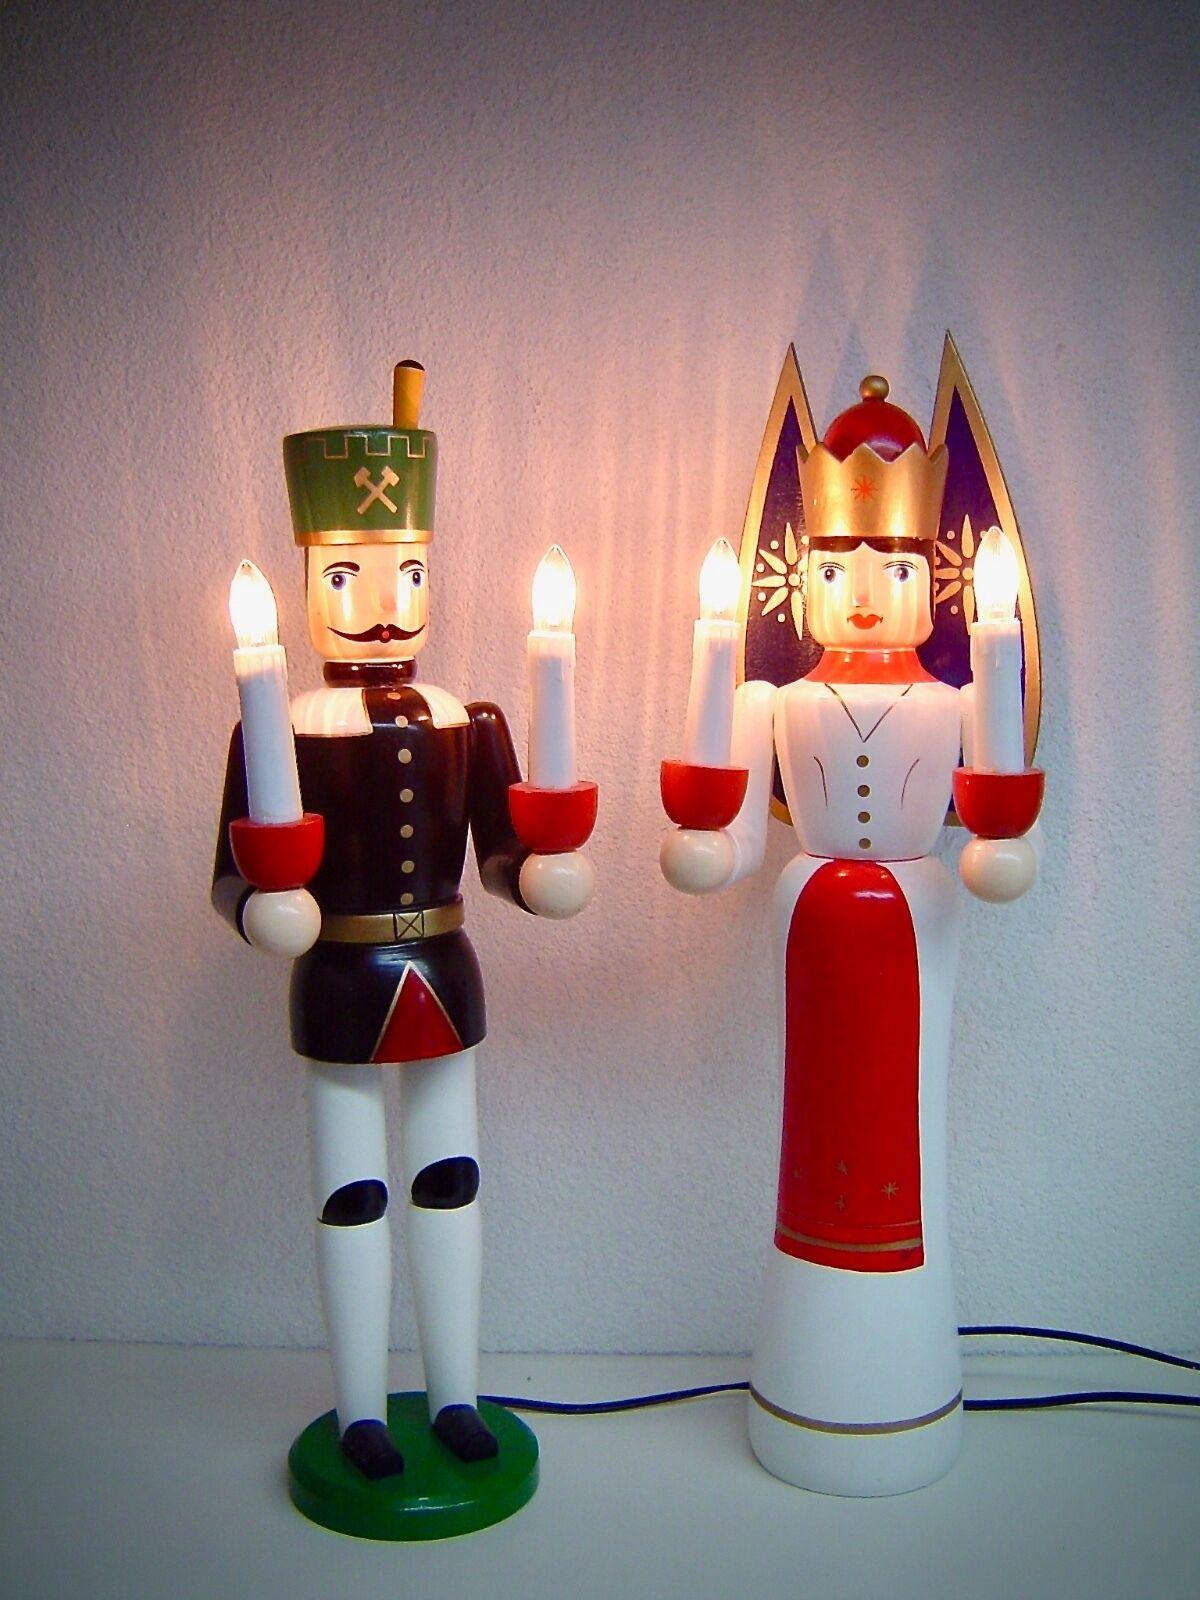 Ange et Bergmann avec Lumière Illuminé 41 Cm Grand éclairage + Transformateur